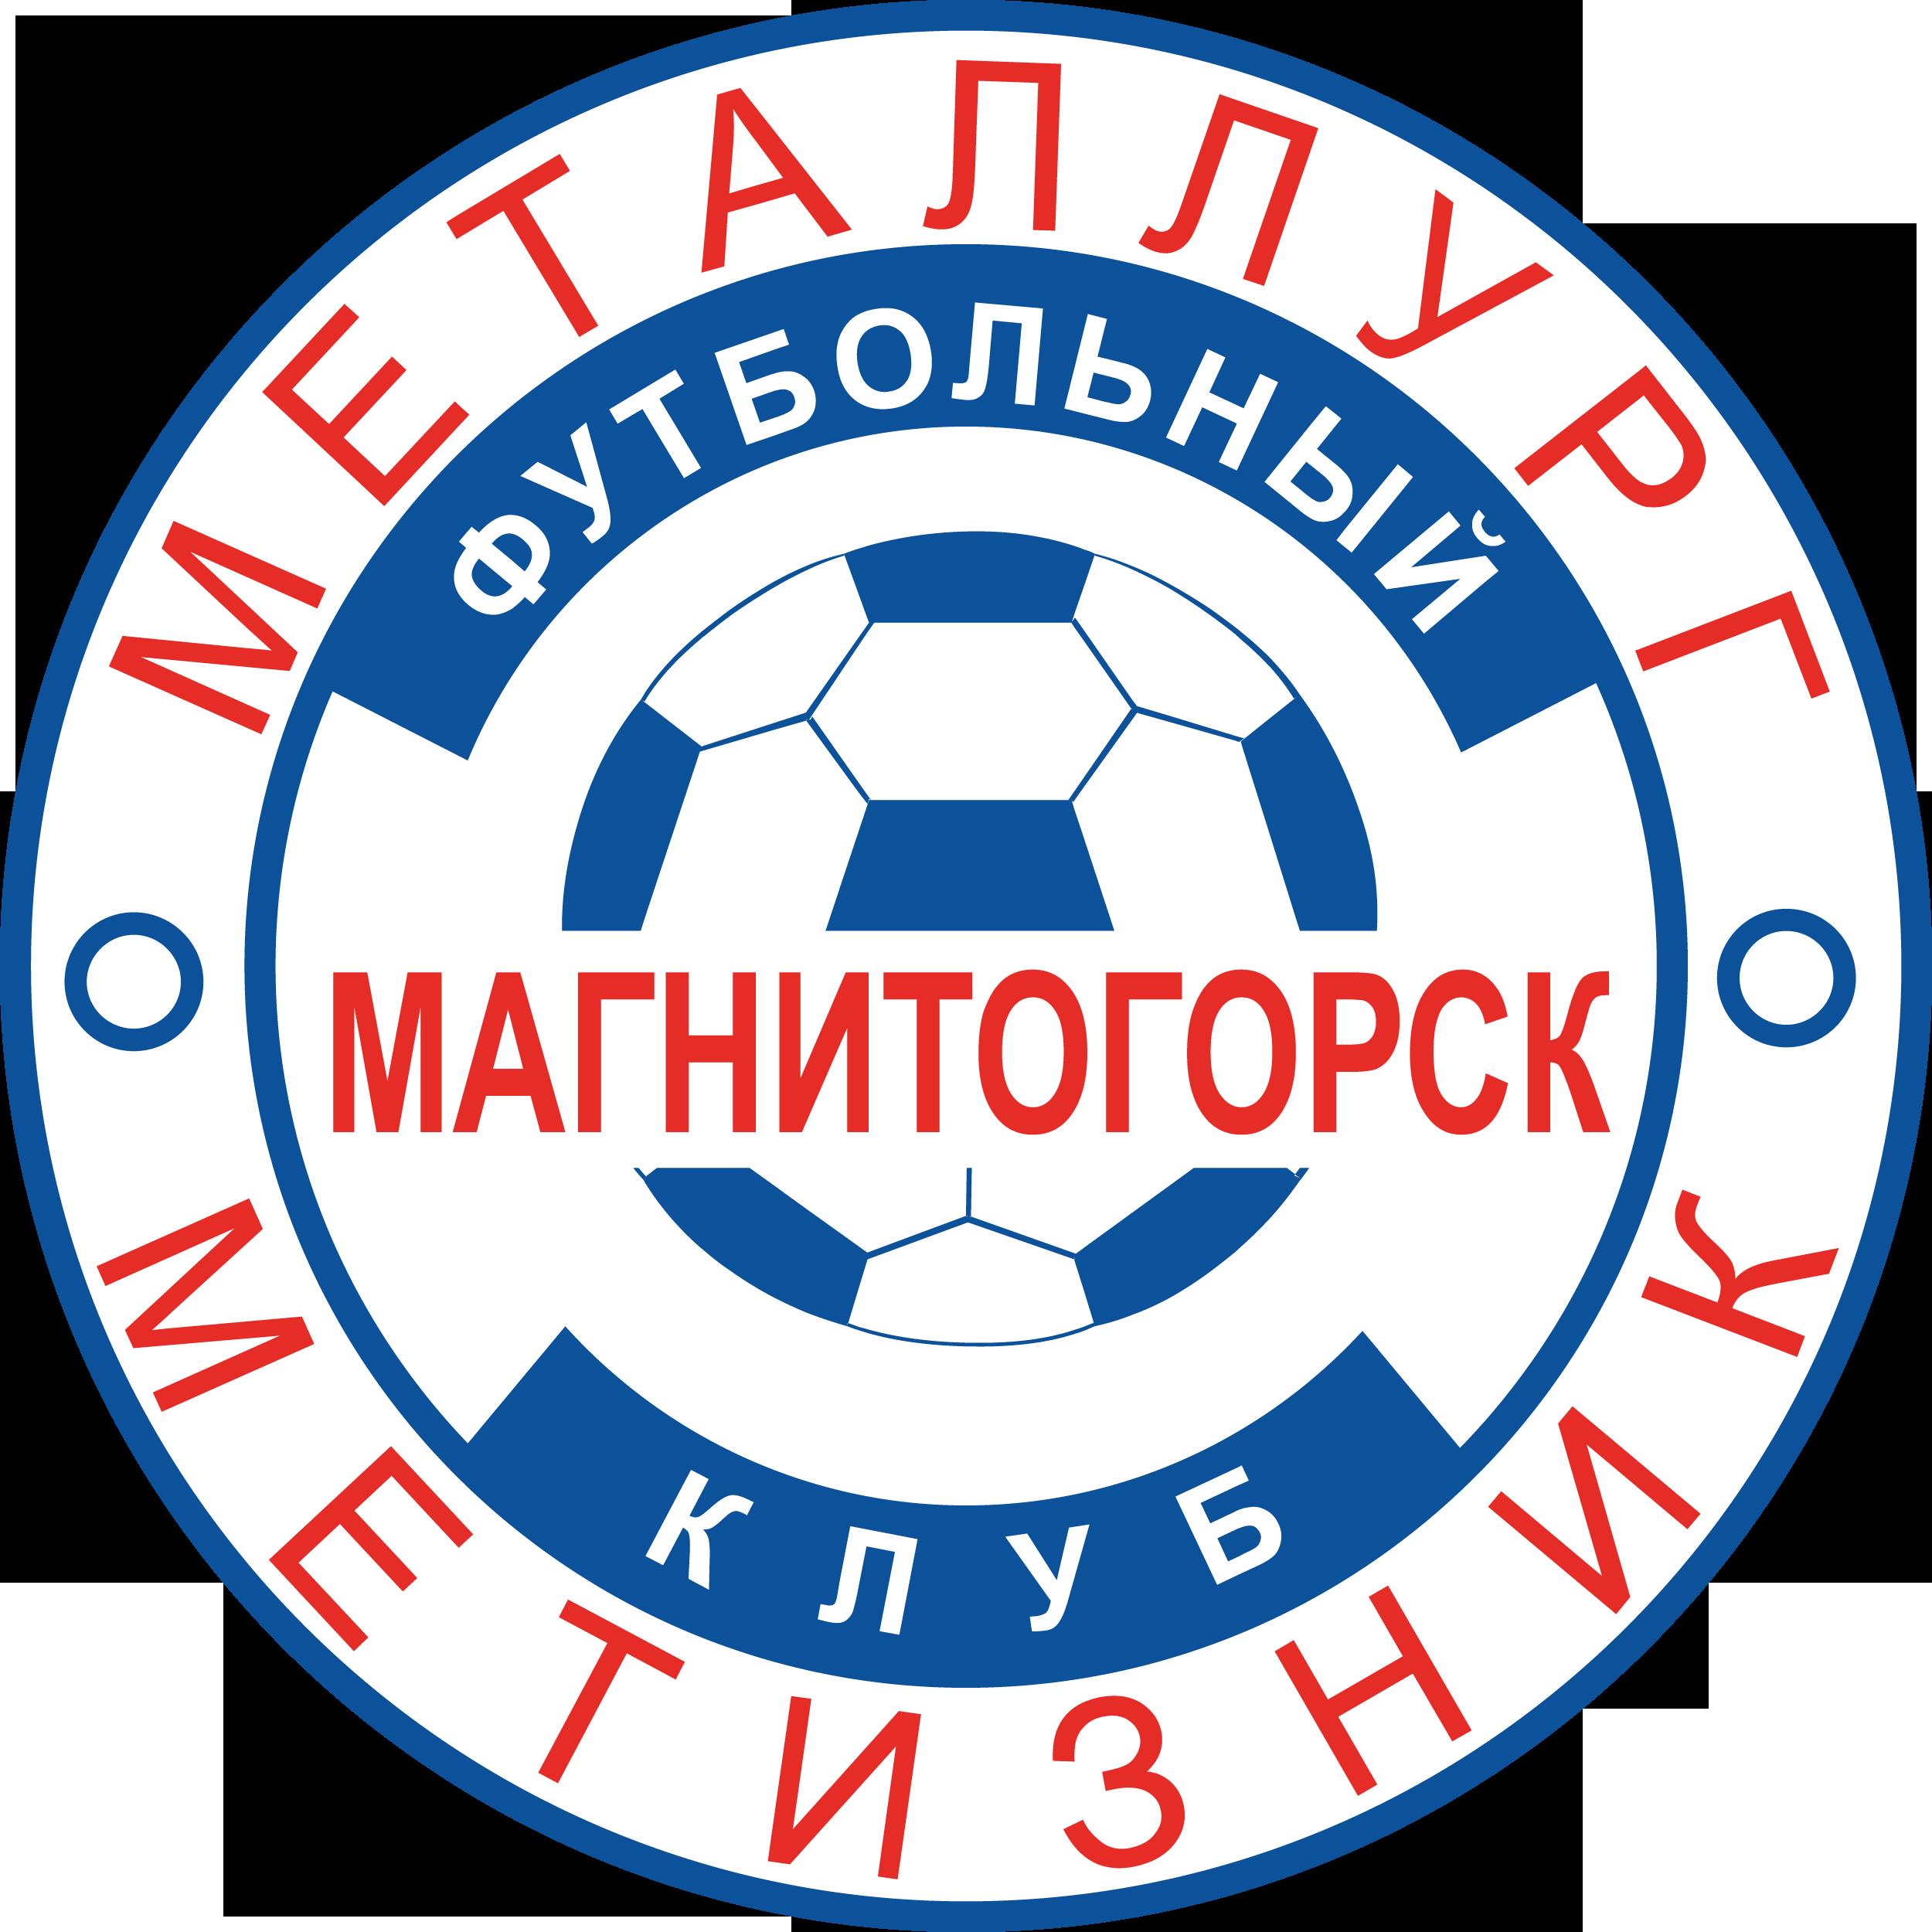 """Векторный логотип футбольного клуба """"Магнитогорск"""""""